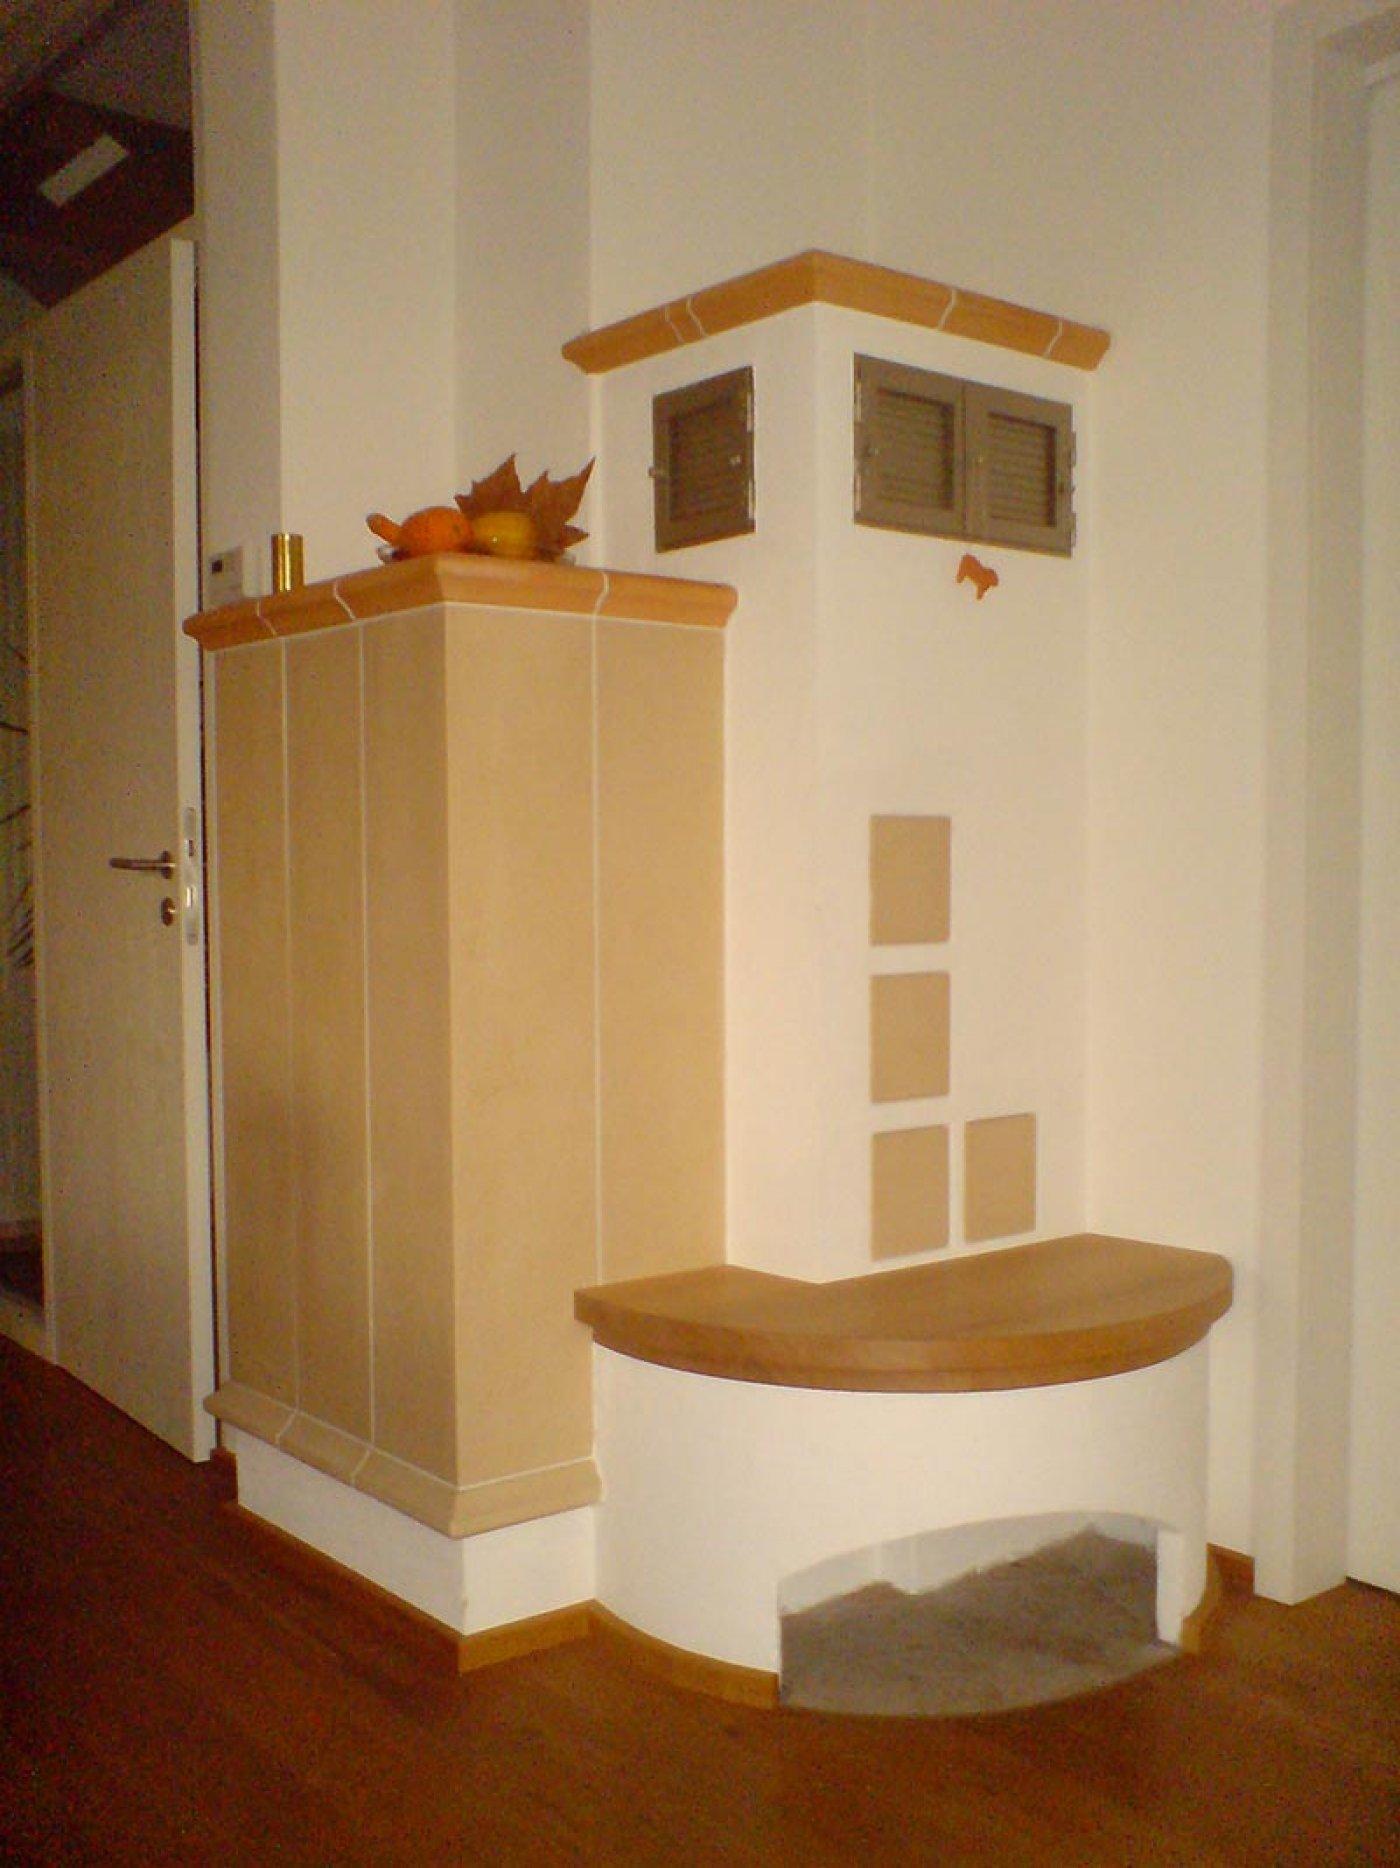 fliesen und fen k hnlein greding neuer schornstein fliesen natursteine badsanierungen. Black Bedroom Furniture Sets. Home Design Ideas